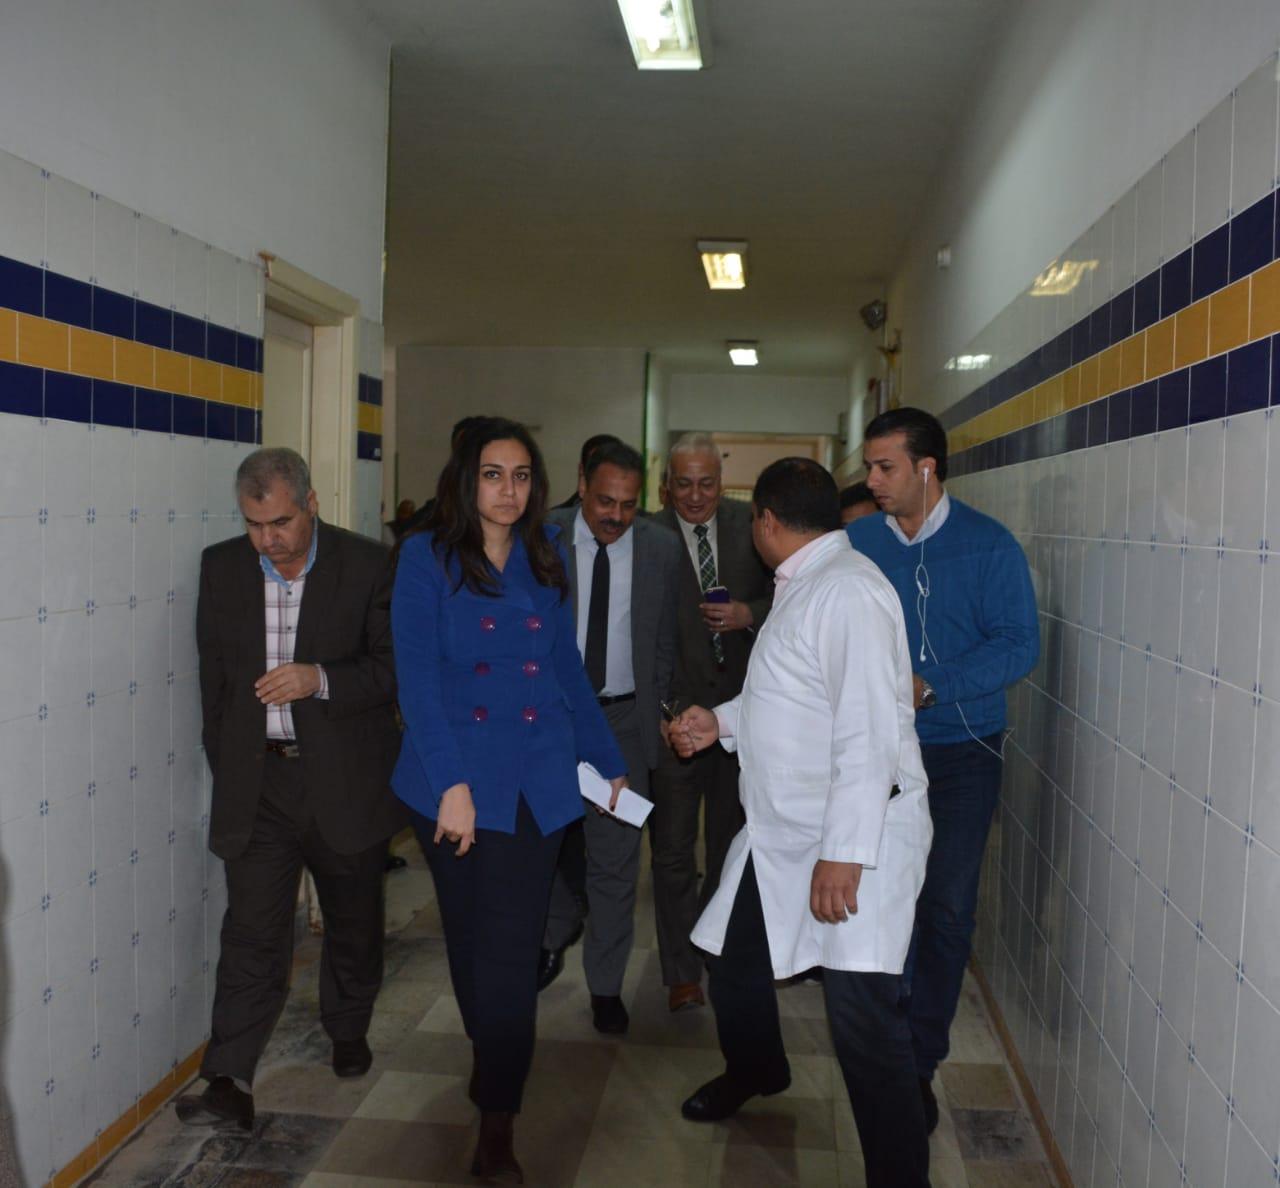 تفقد المصابين بالمستشفى  (4)